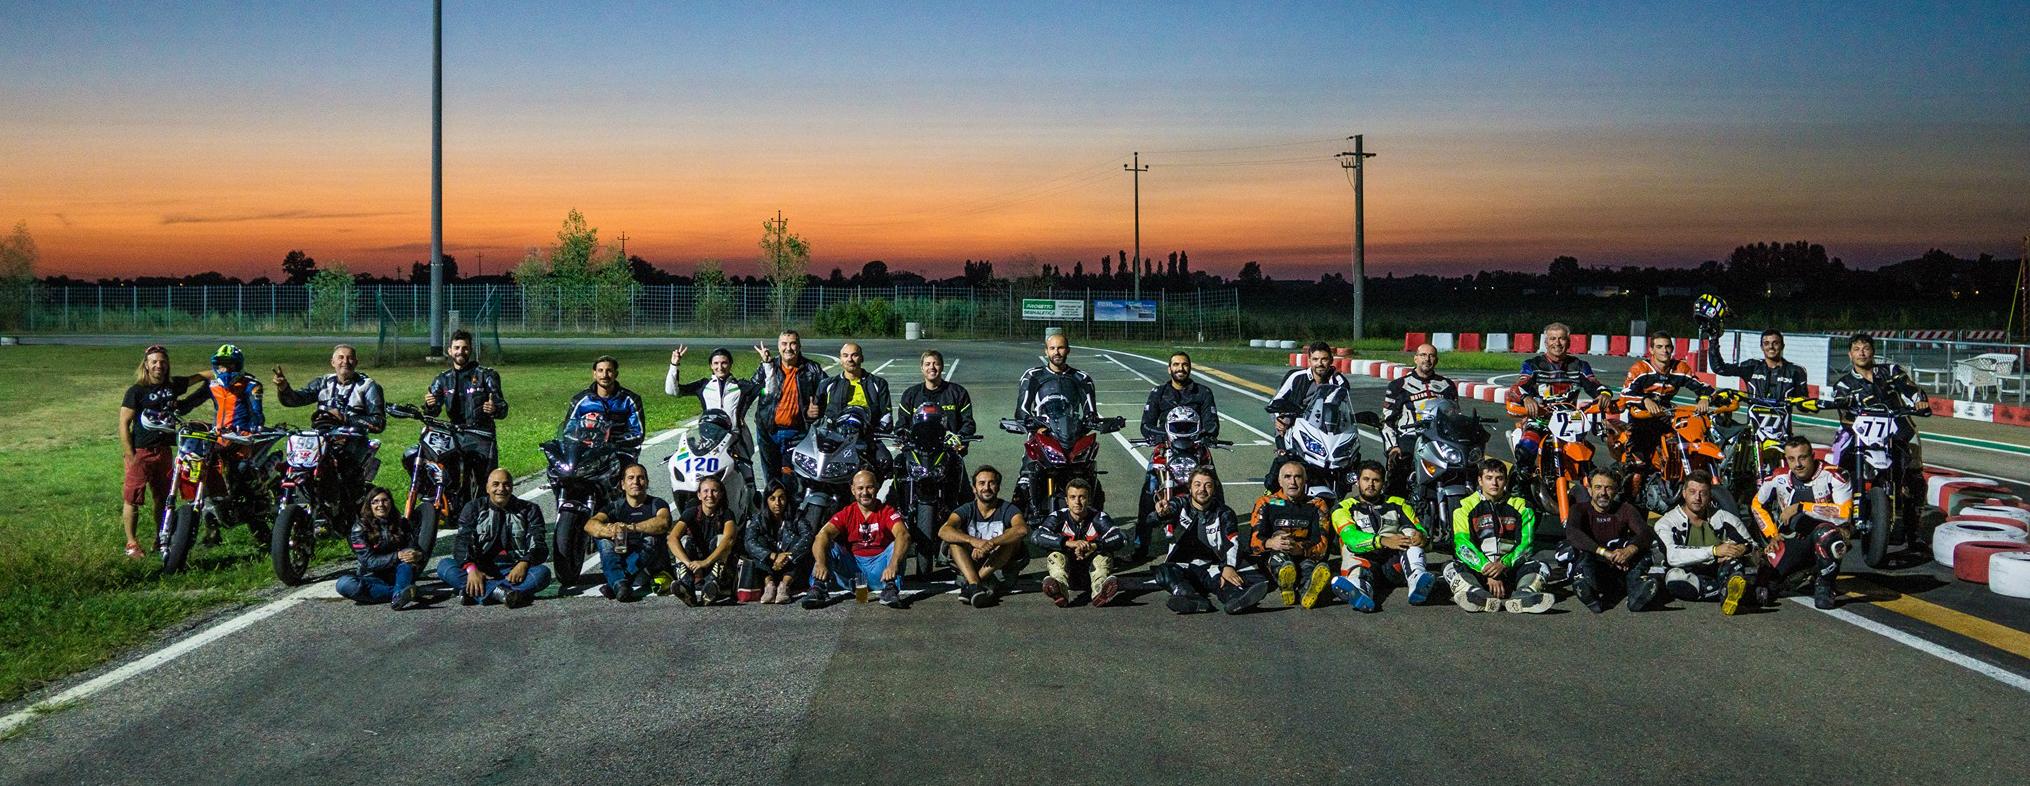 18 settembre - Circuito di Rioveggio • Prove Organizzate Moto Stradali 9-17